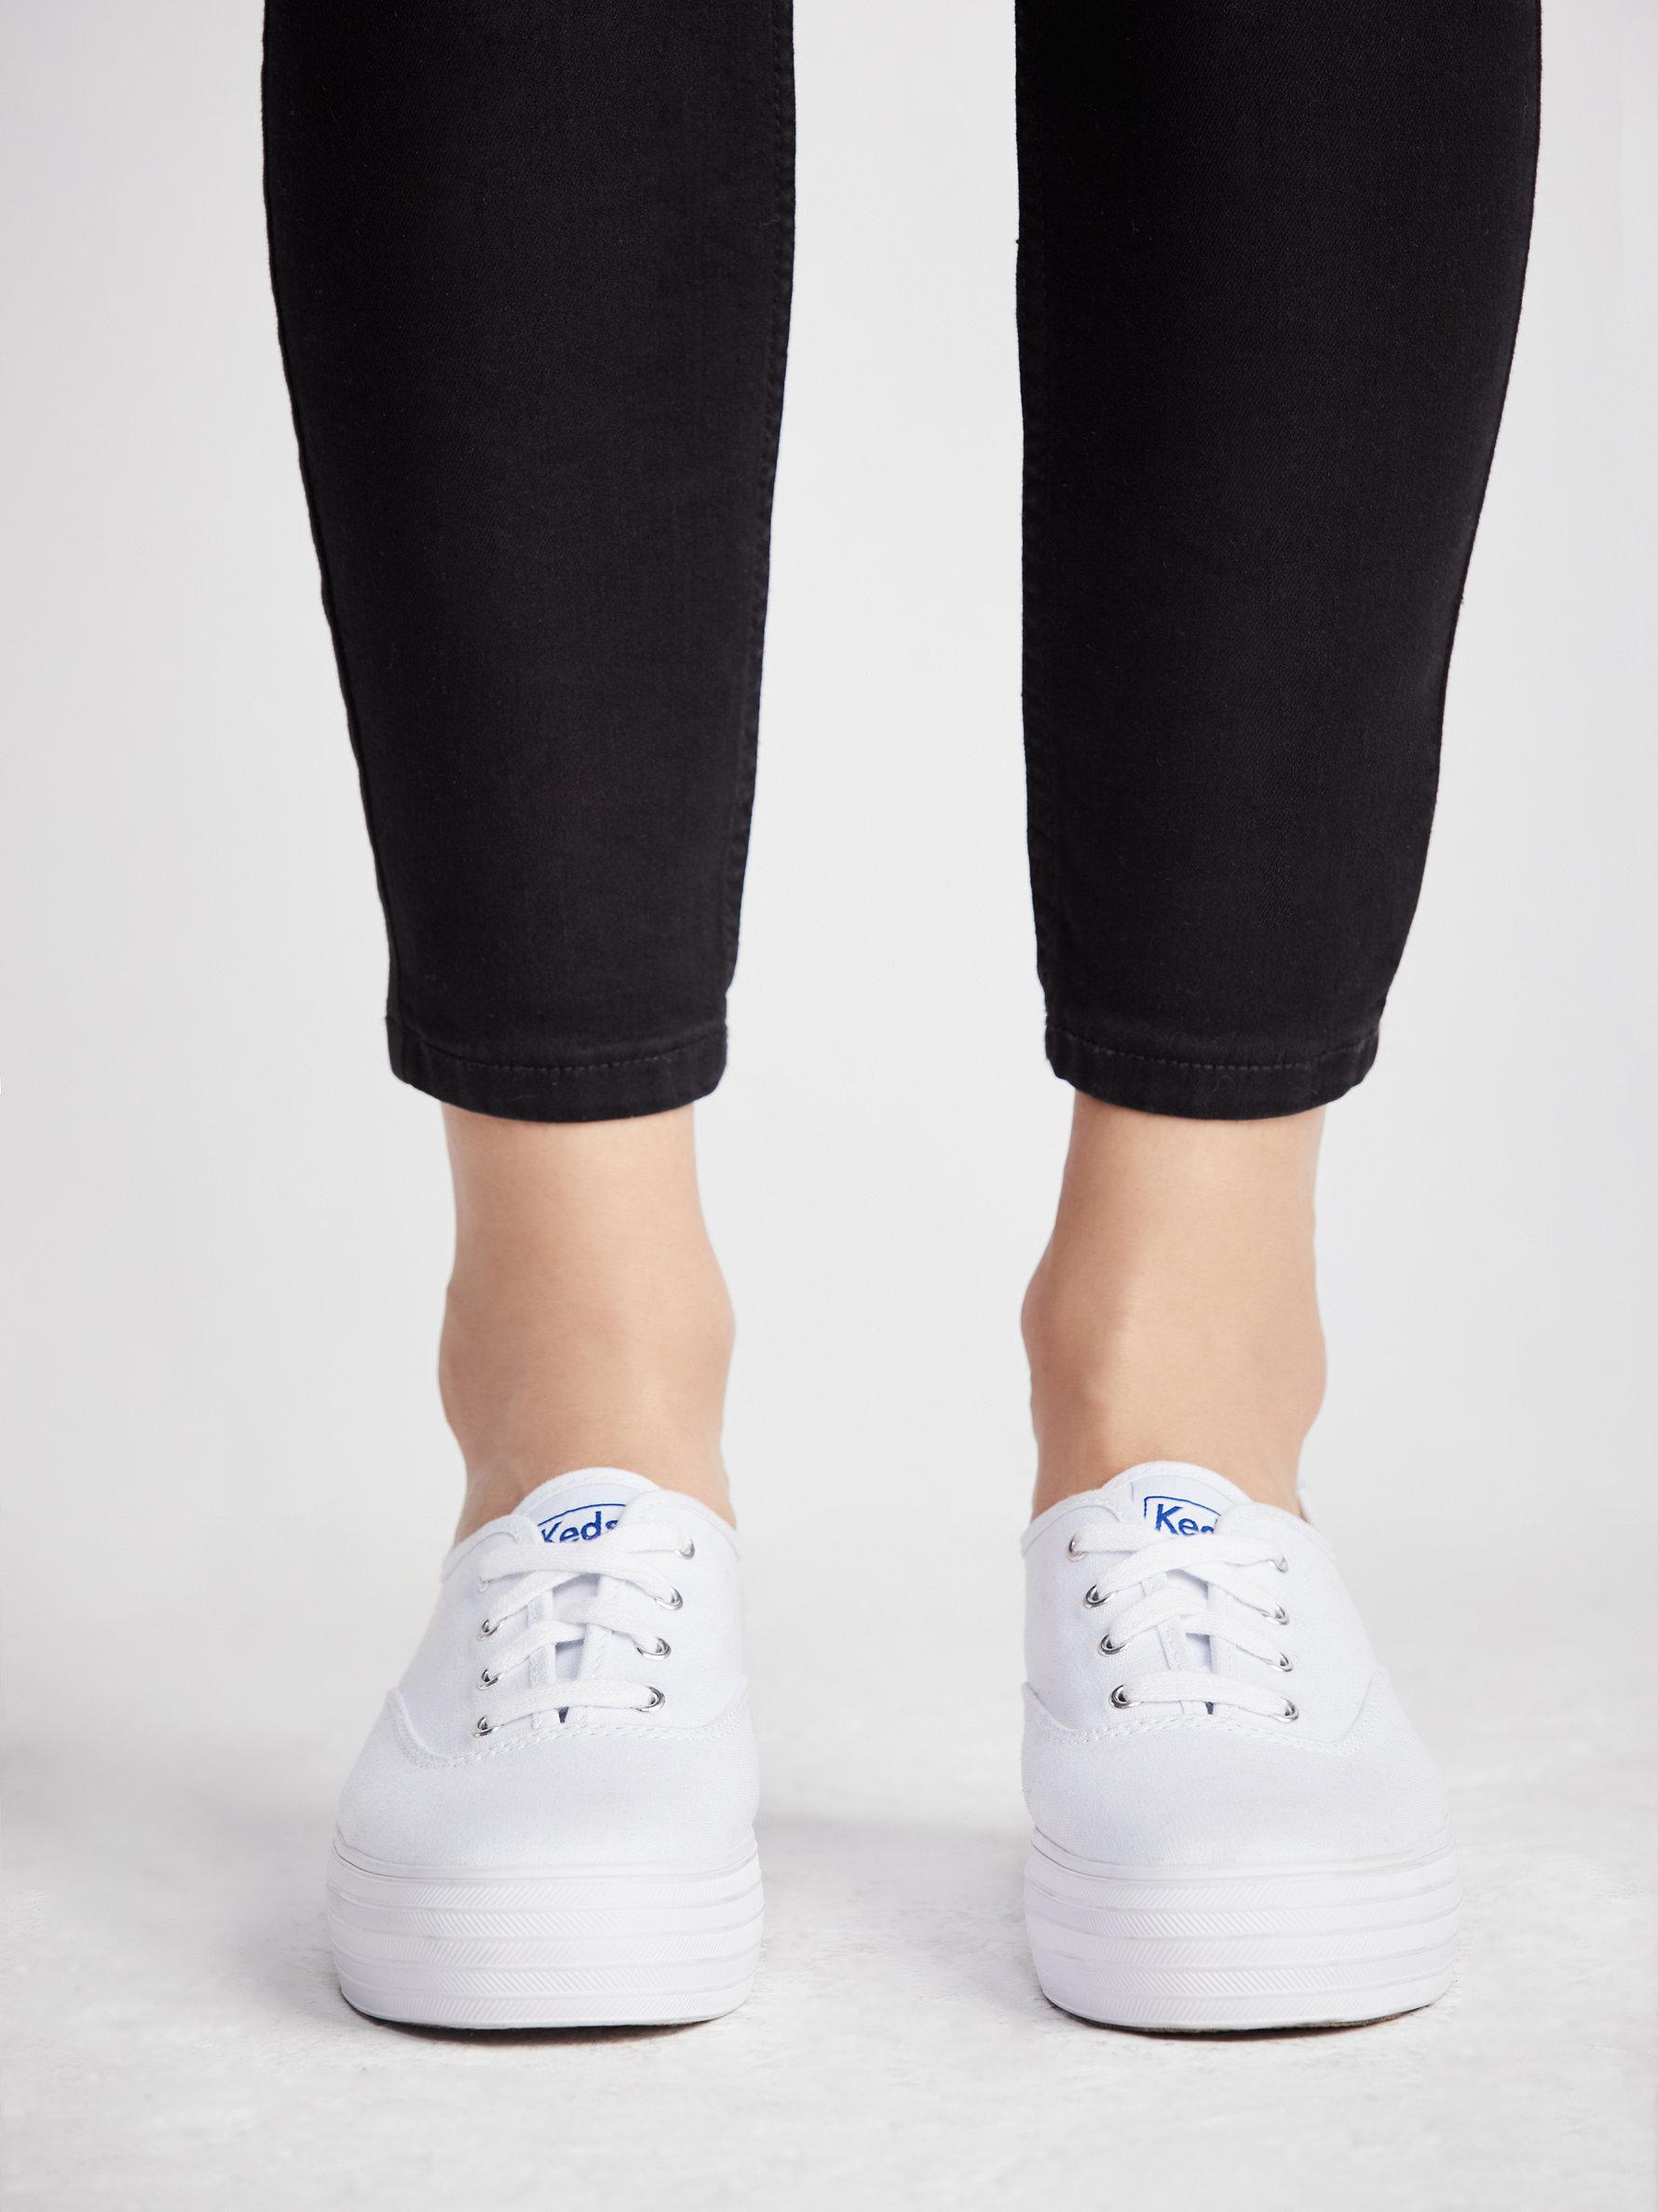 Keds Shoes Uk